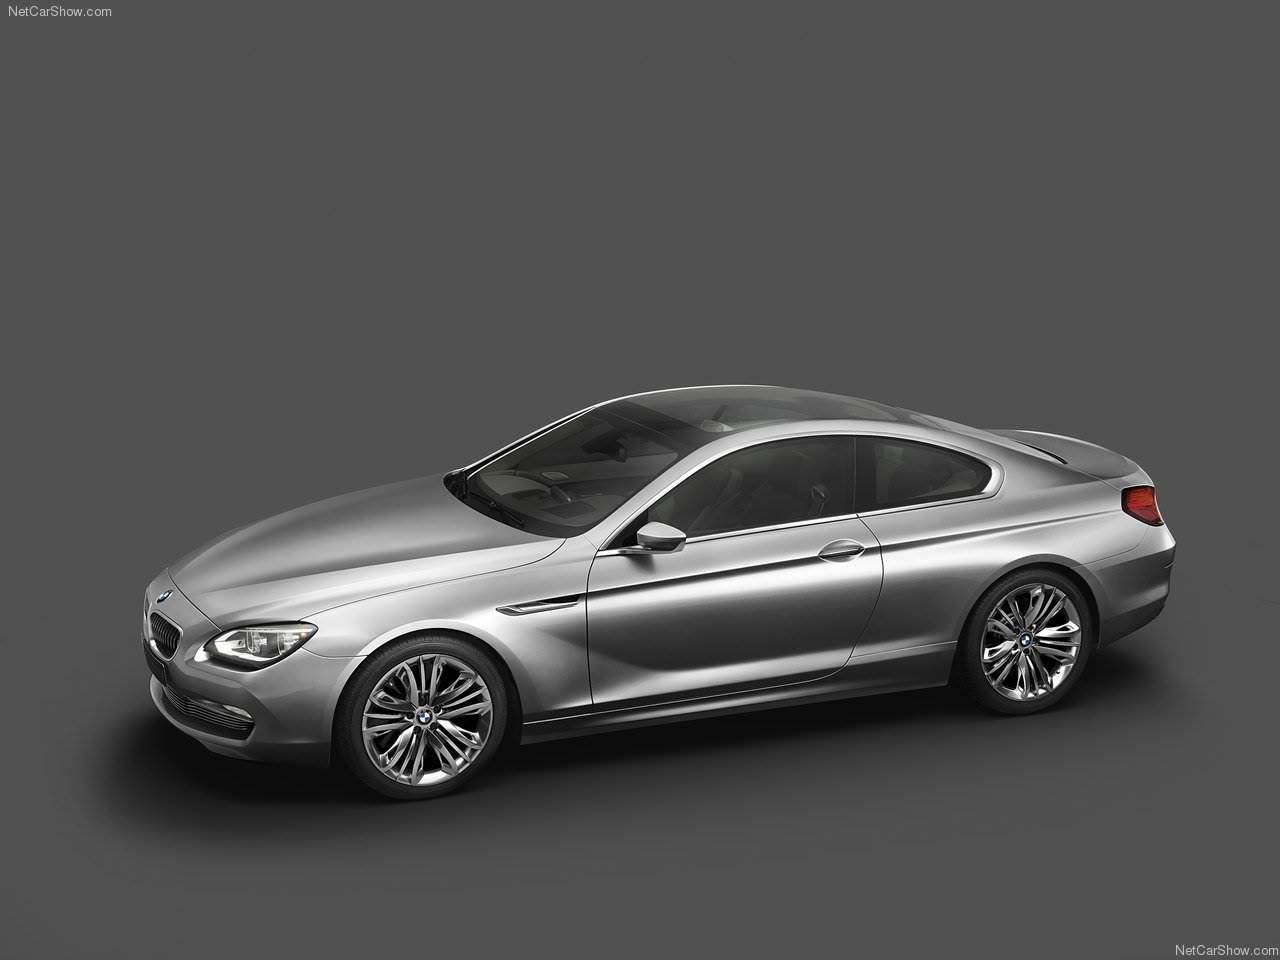 http://3.bp.blogspot.com/_lsyt_wQ2awY/TJX_mZ9GZOI/AAAAAAACFGo/WZ3CmMYALrU/s1600/BMW-6-Series_Coupe_Concept_2010_1280x960_wallpaper_09.jpg